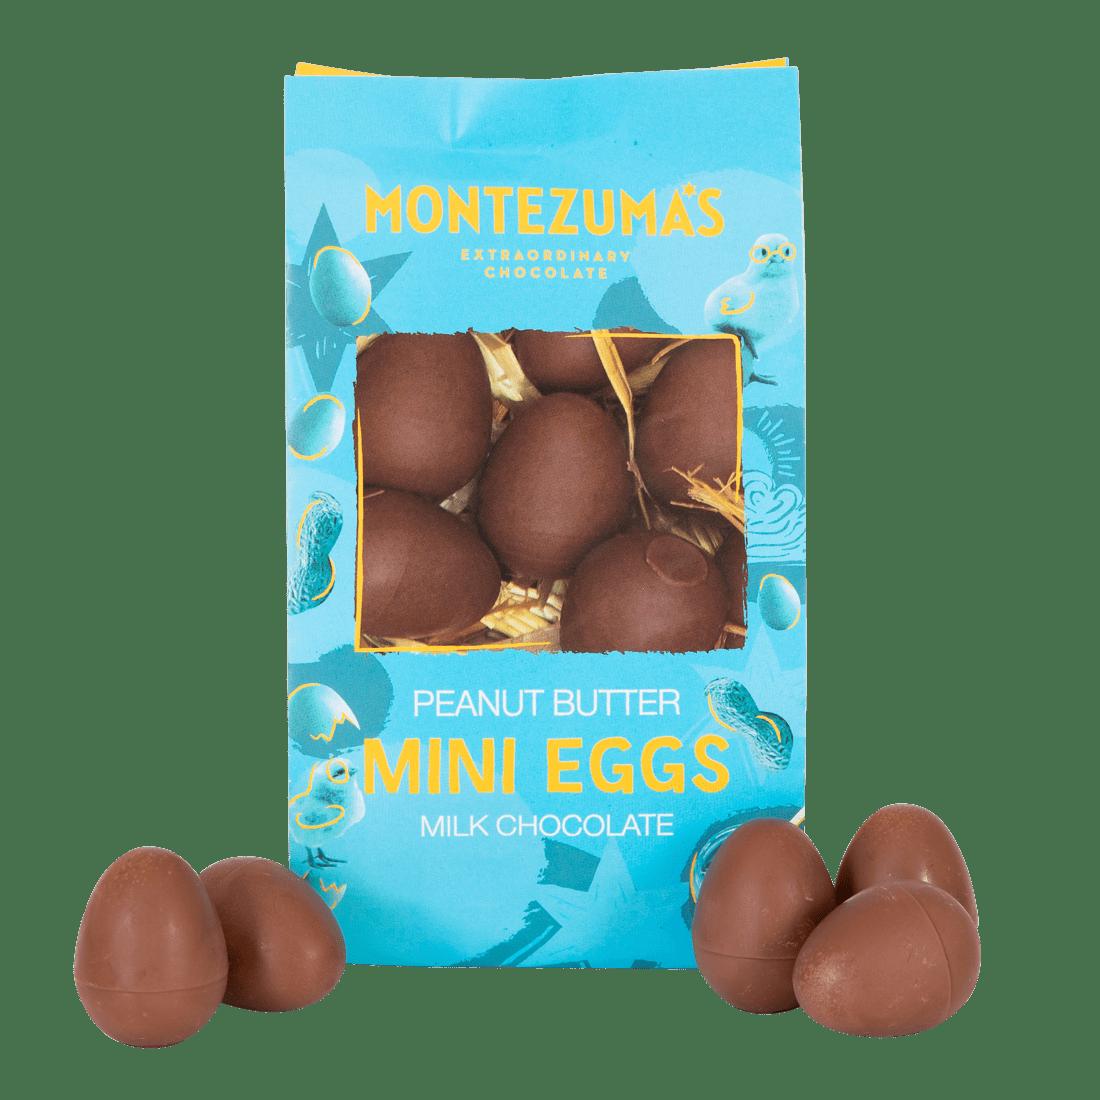 Food Milk Chocolate Peanut Butter Mini Eggs